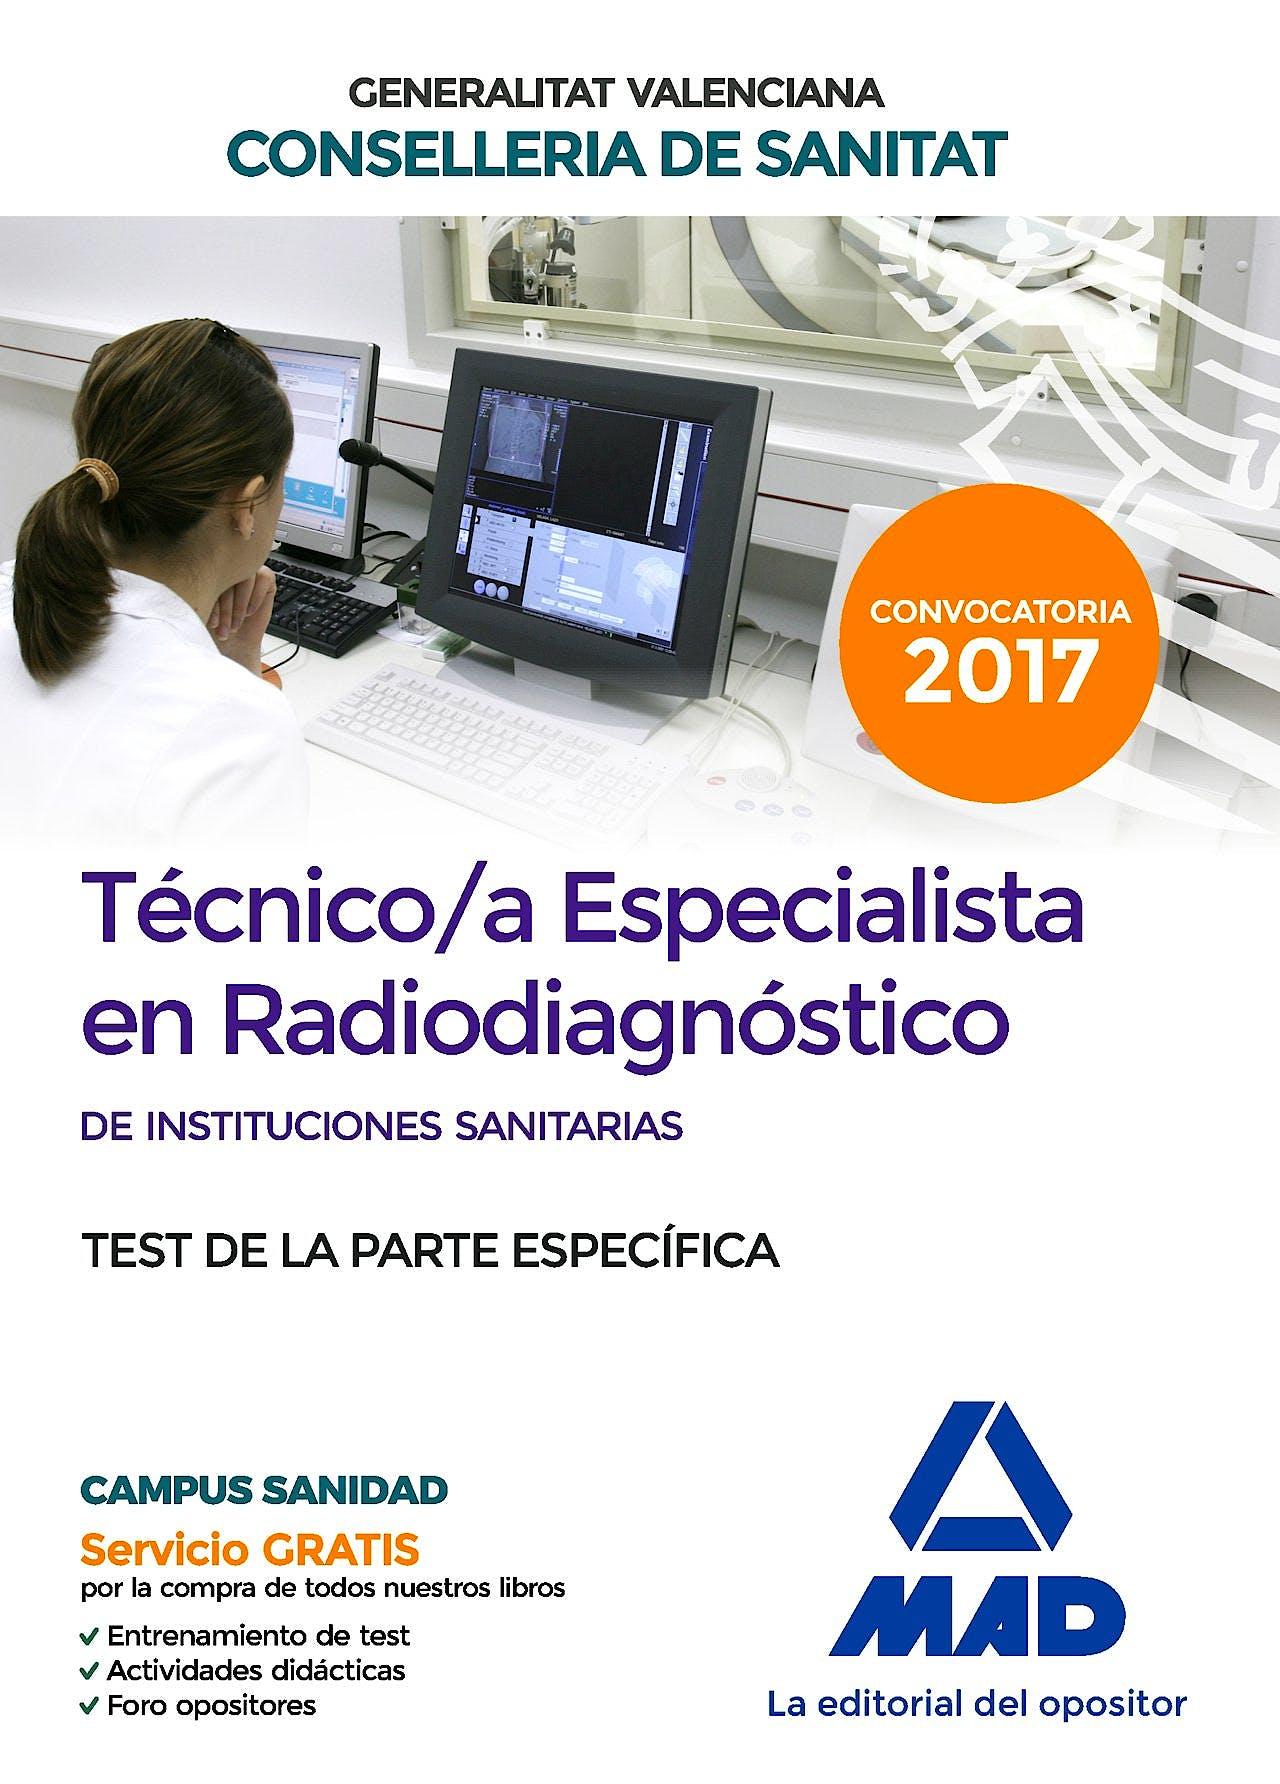 Portada del libro 9788414210499 Técnico/a Especialista en Radiodiagnóstico de Instituciones Sanitarias Consellería de Sanitat Generalitat Valenciana. Test de la Parte Específica